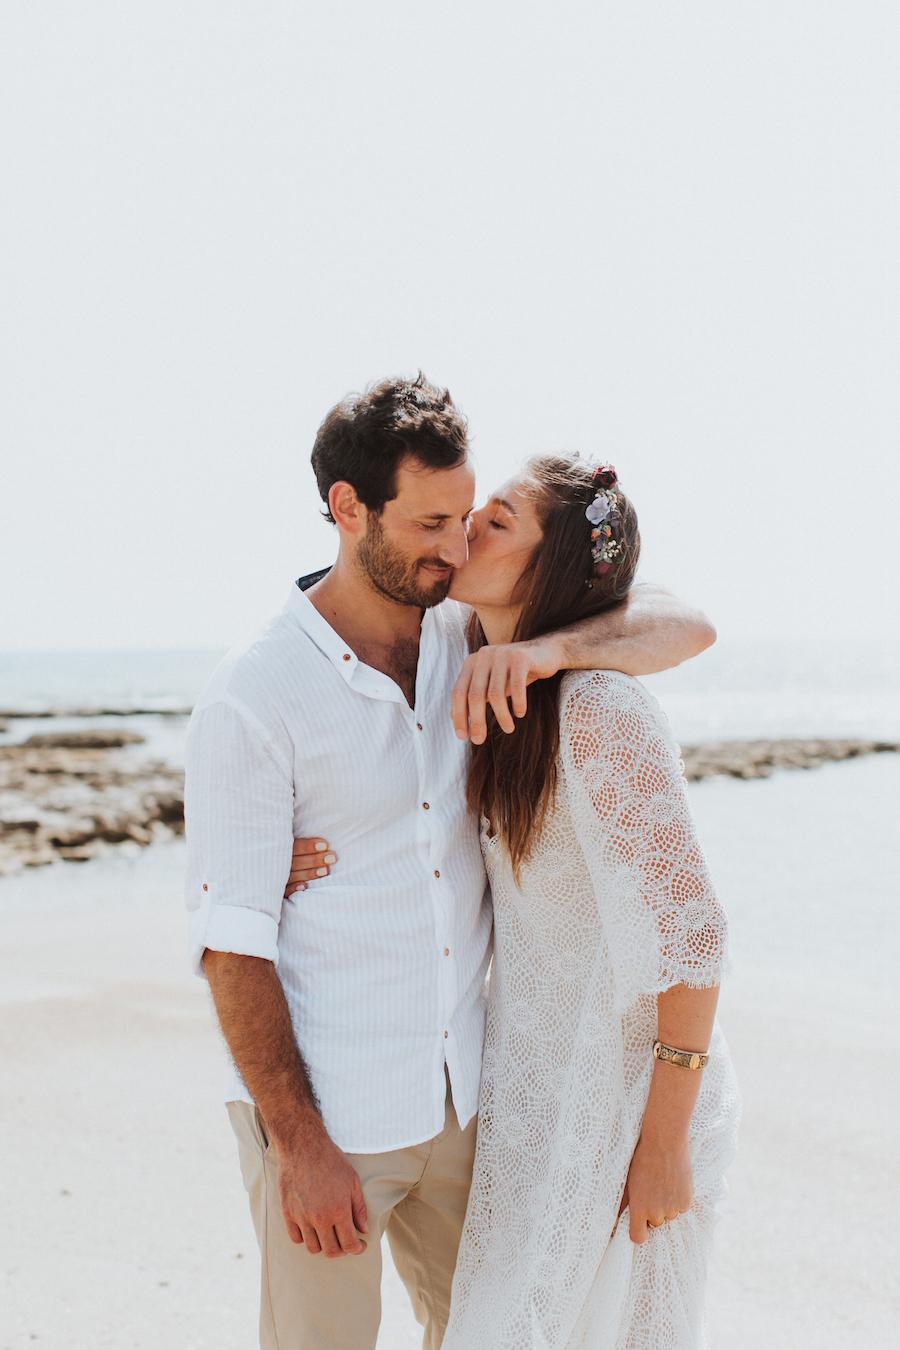 התחתנו בכפר דייגים: החתונה של בר ותמיר